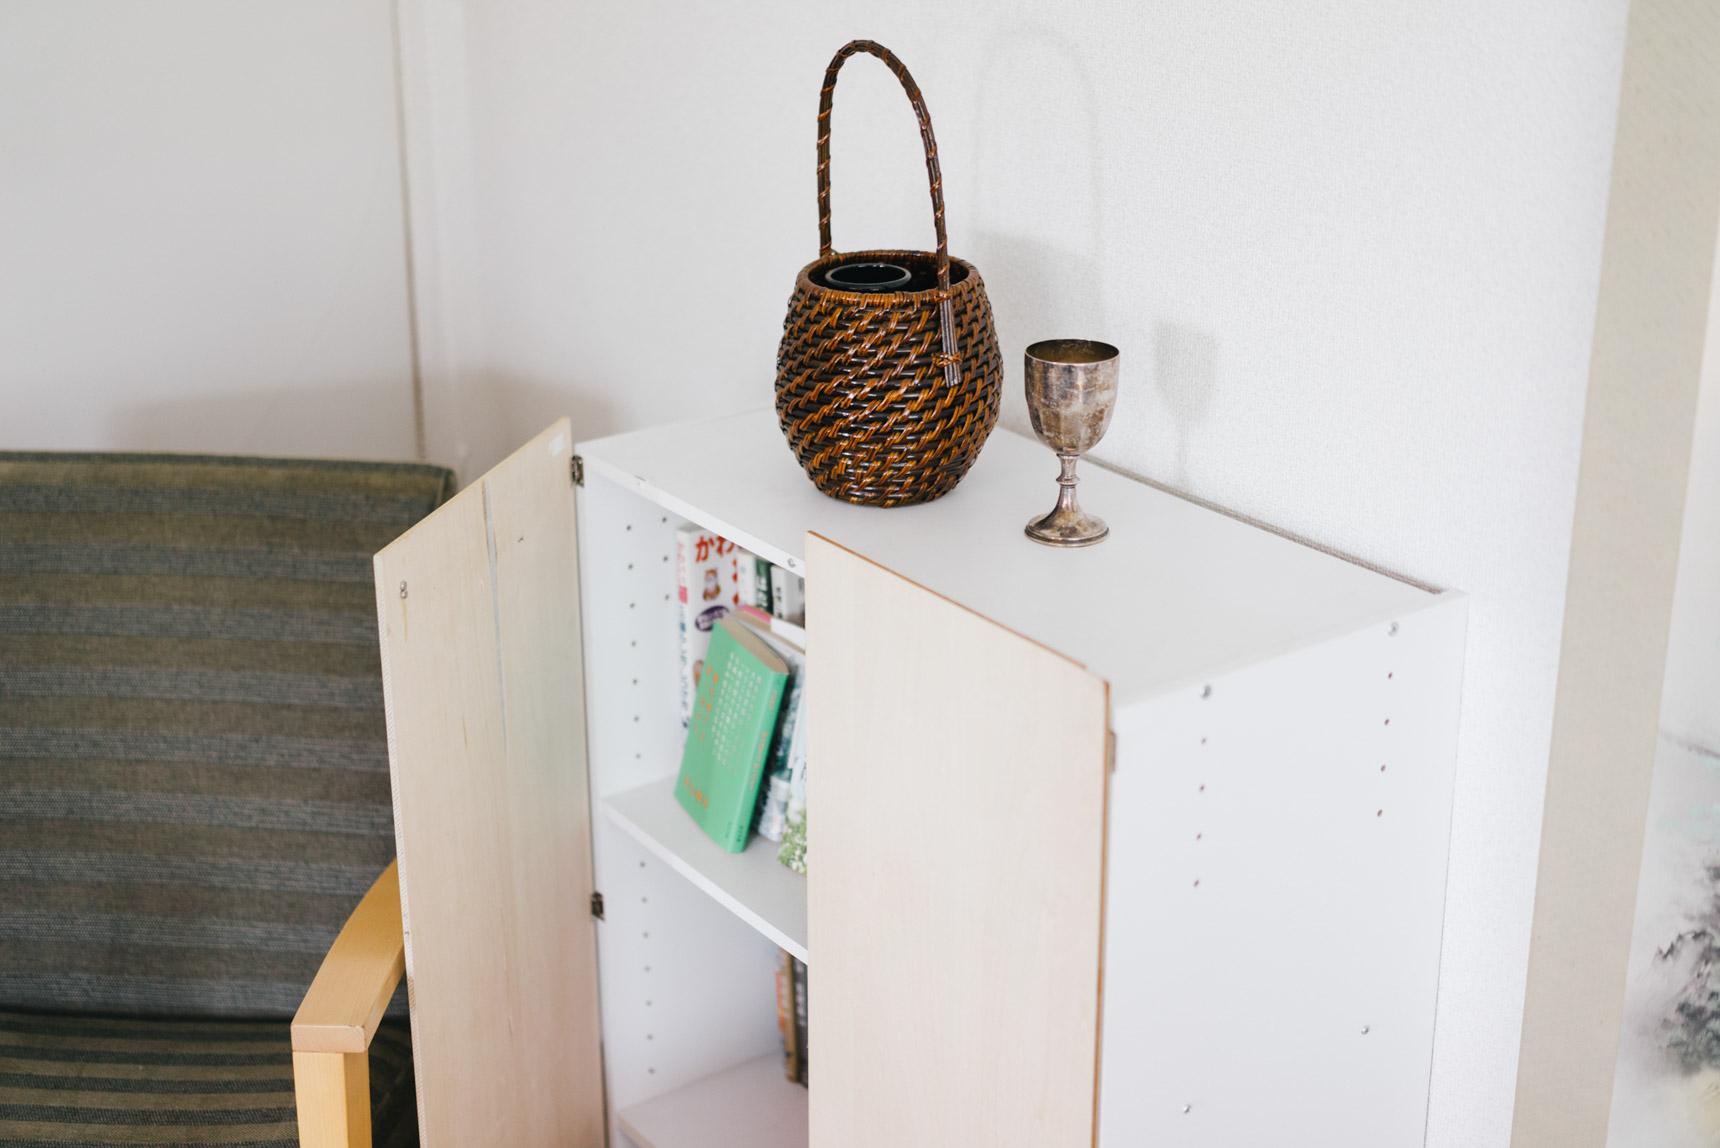 自分で板を買ってきて扉をつけることもできます。ホームセンターで売っている蝶番とマグネットを組み合わせて、「カチ!」と閉まる本棚に。